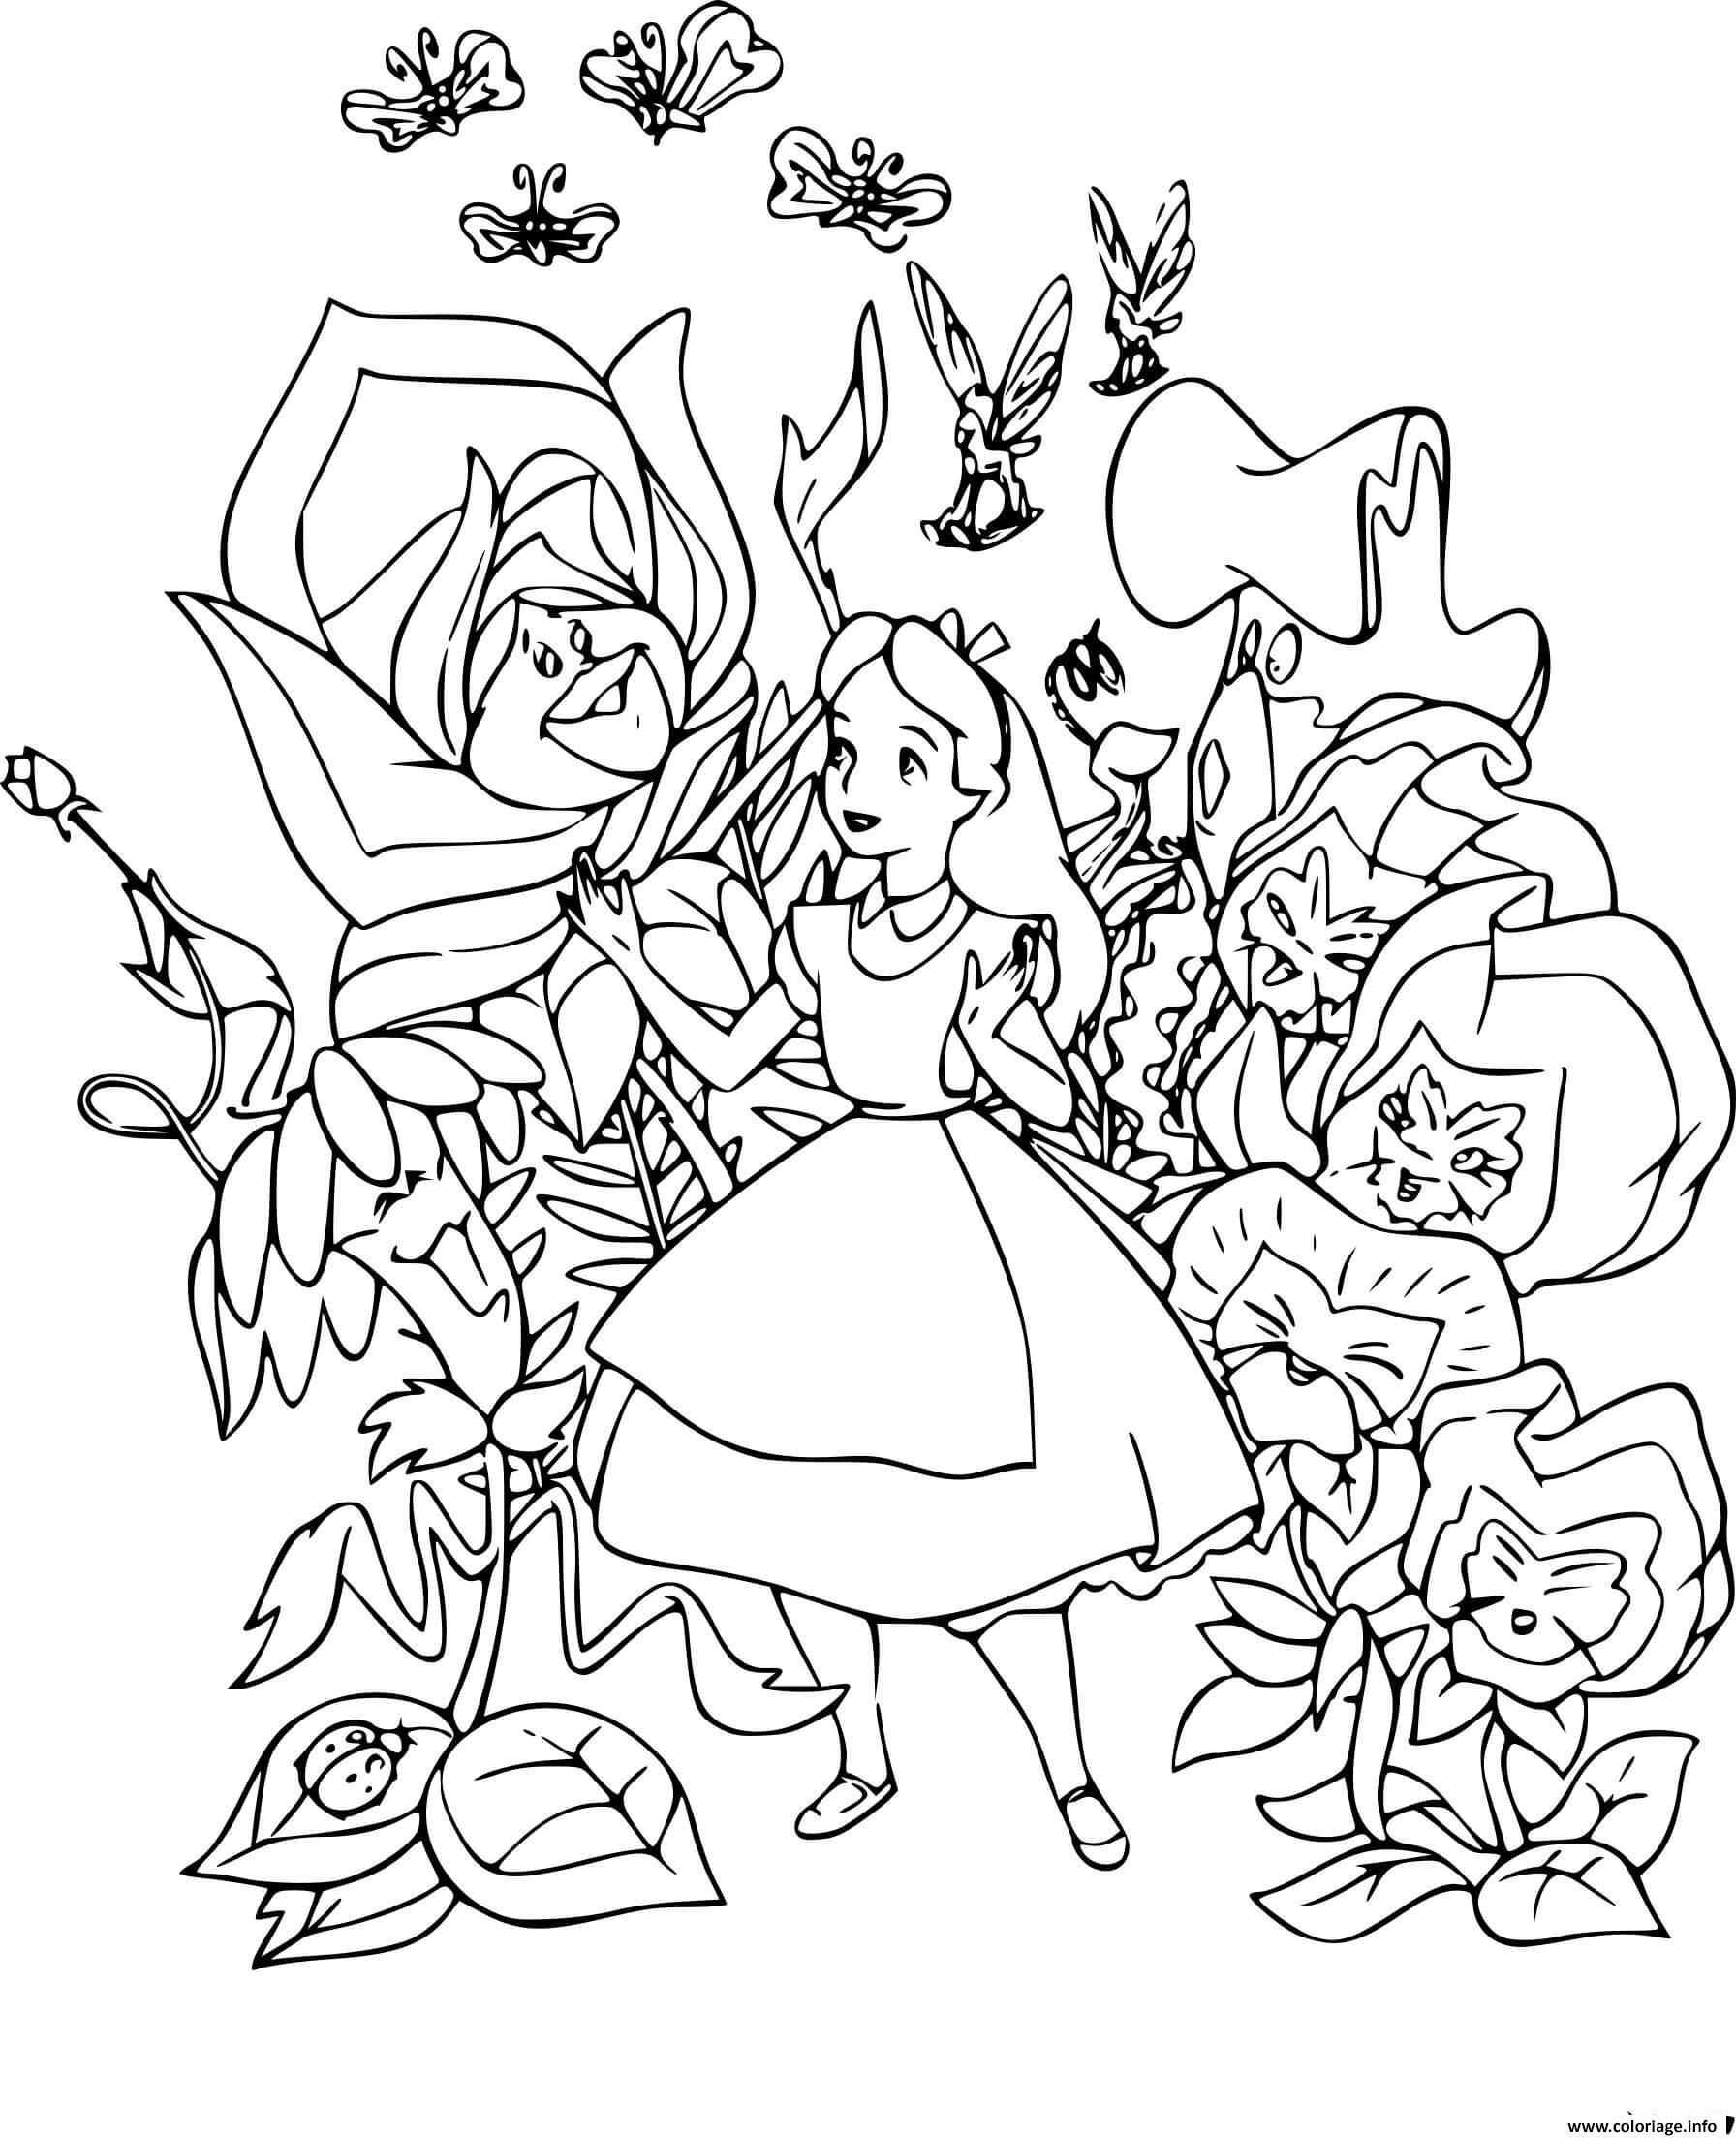 Dessin alice rencontre des fleurs qui savent parler Coloriage Gratuit à Imprimer